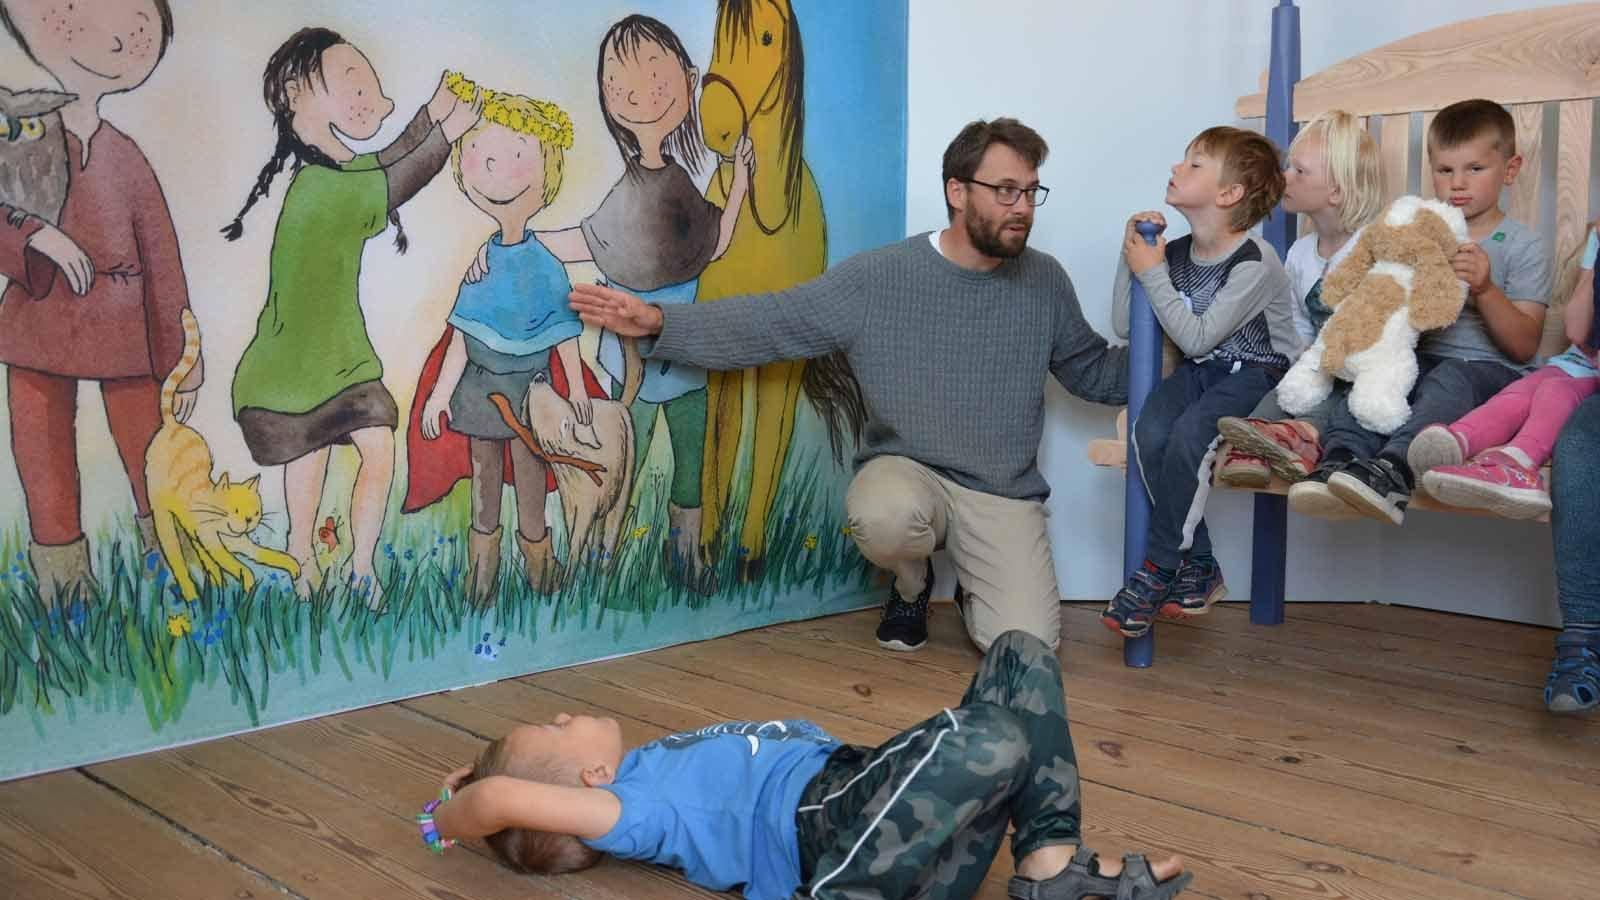 Børn høre på fortællinger i udstillingen